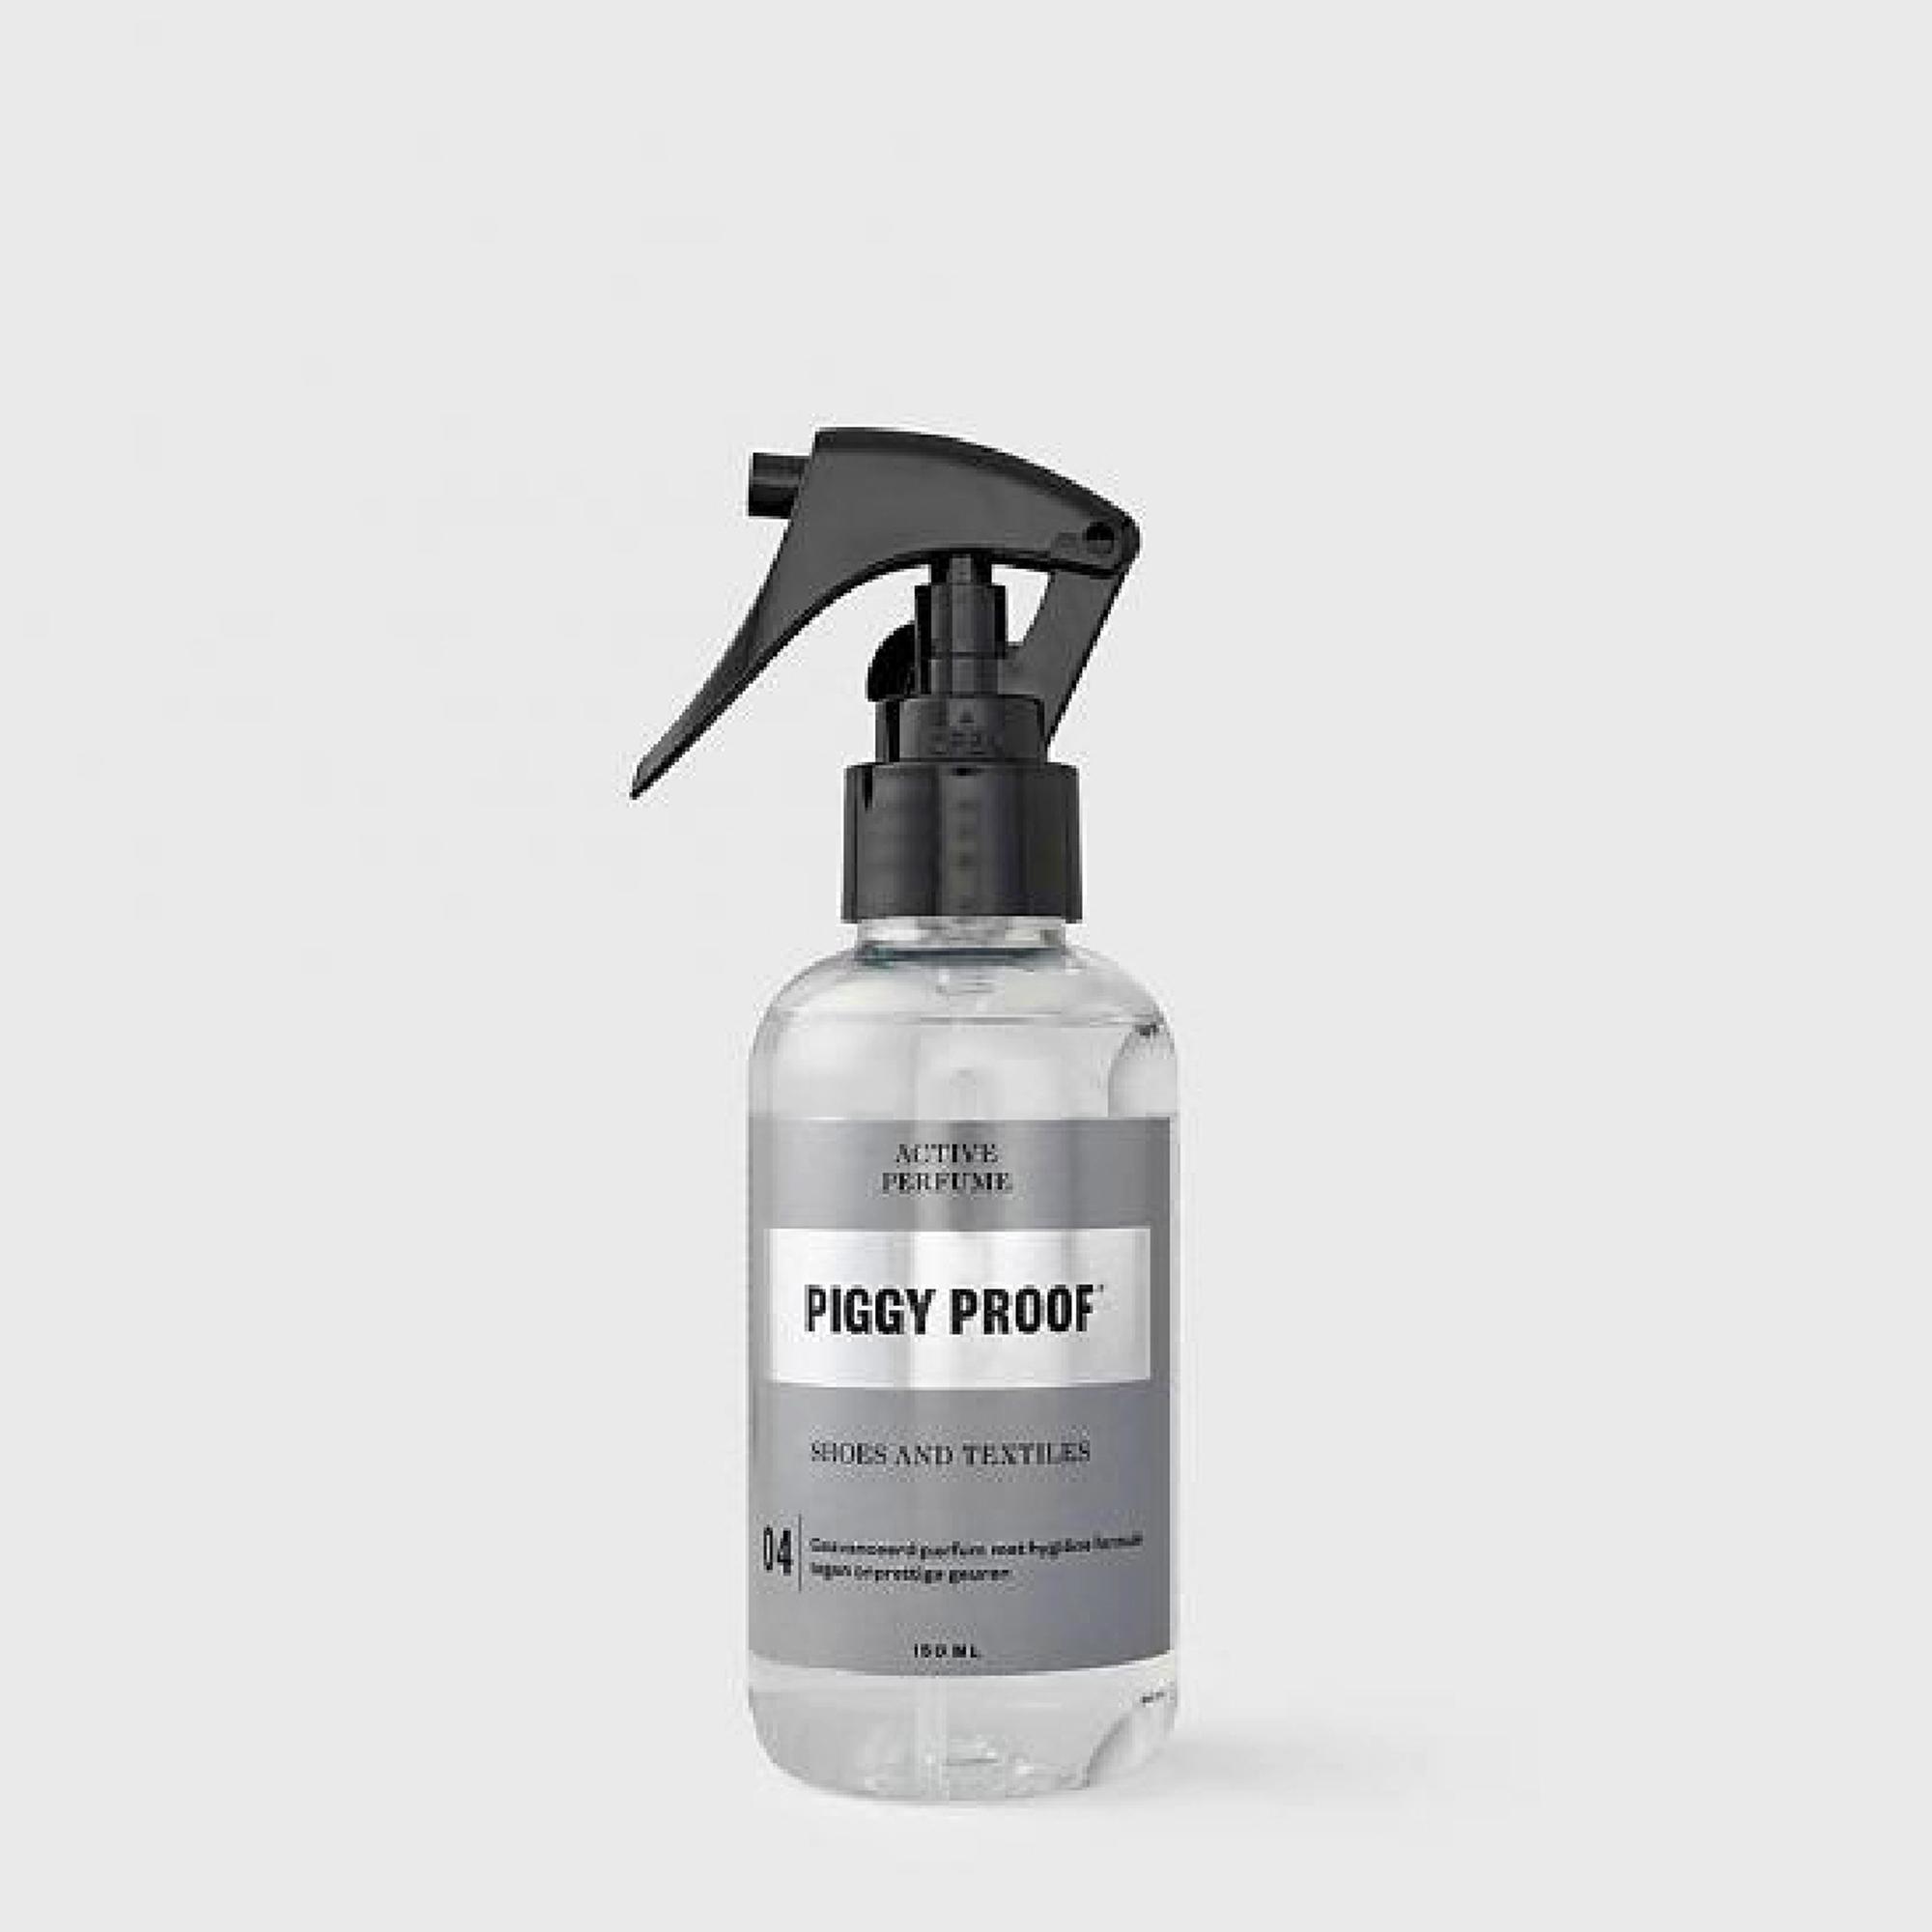 Piggy Proof Active Perfume 04 150 ml